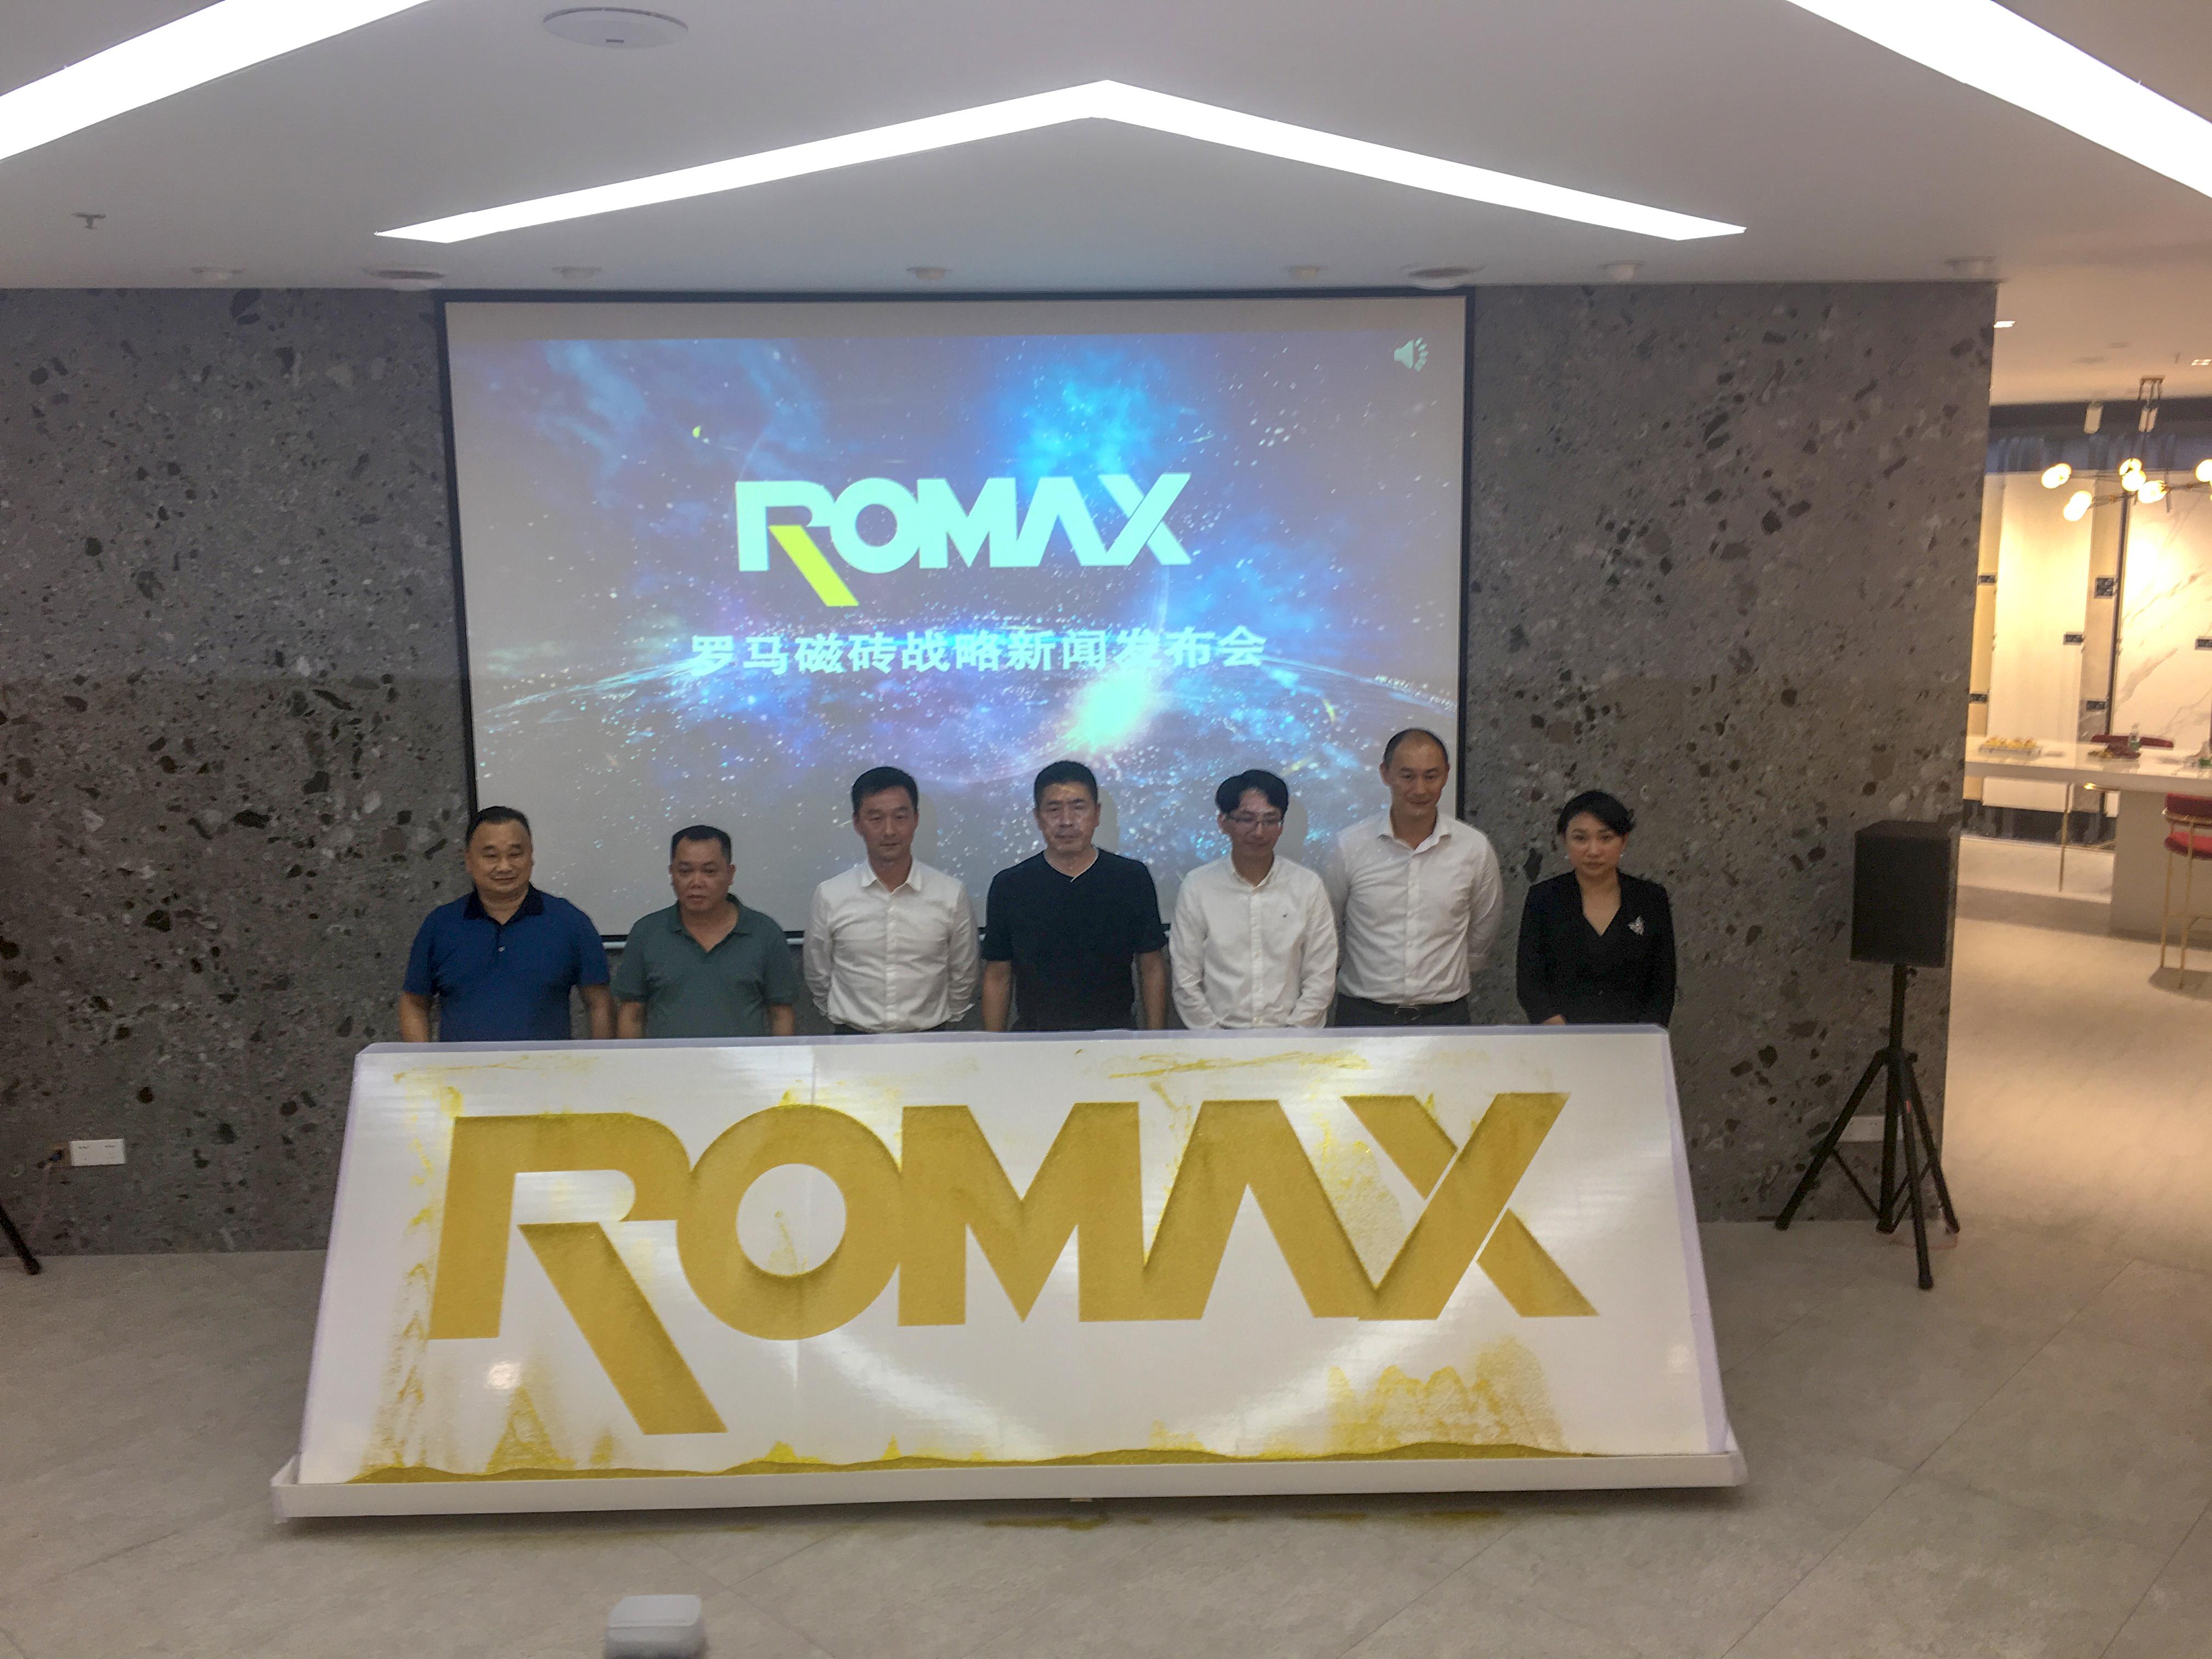 罗马磁砖品牌升级,ROMAX国际形象闪亮登场 ——罗马磁砖品牌战略新闻发布会举行